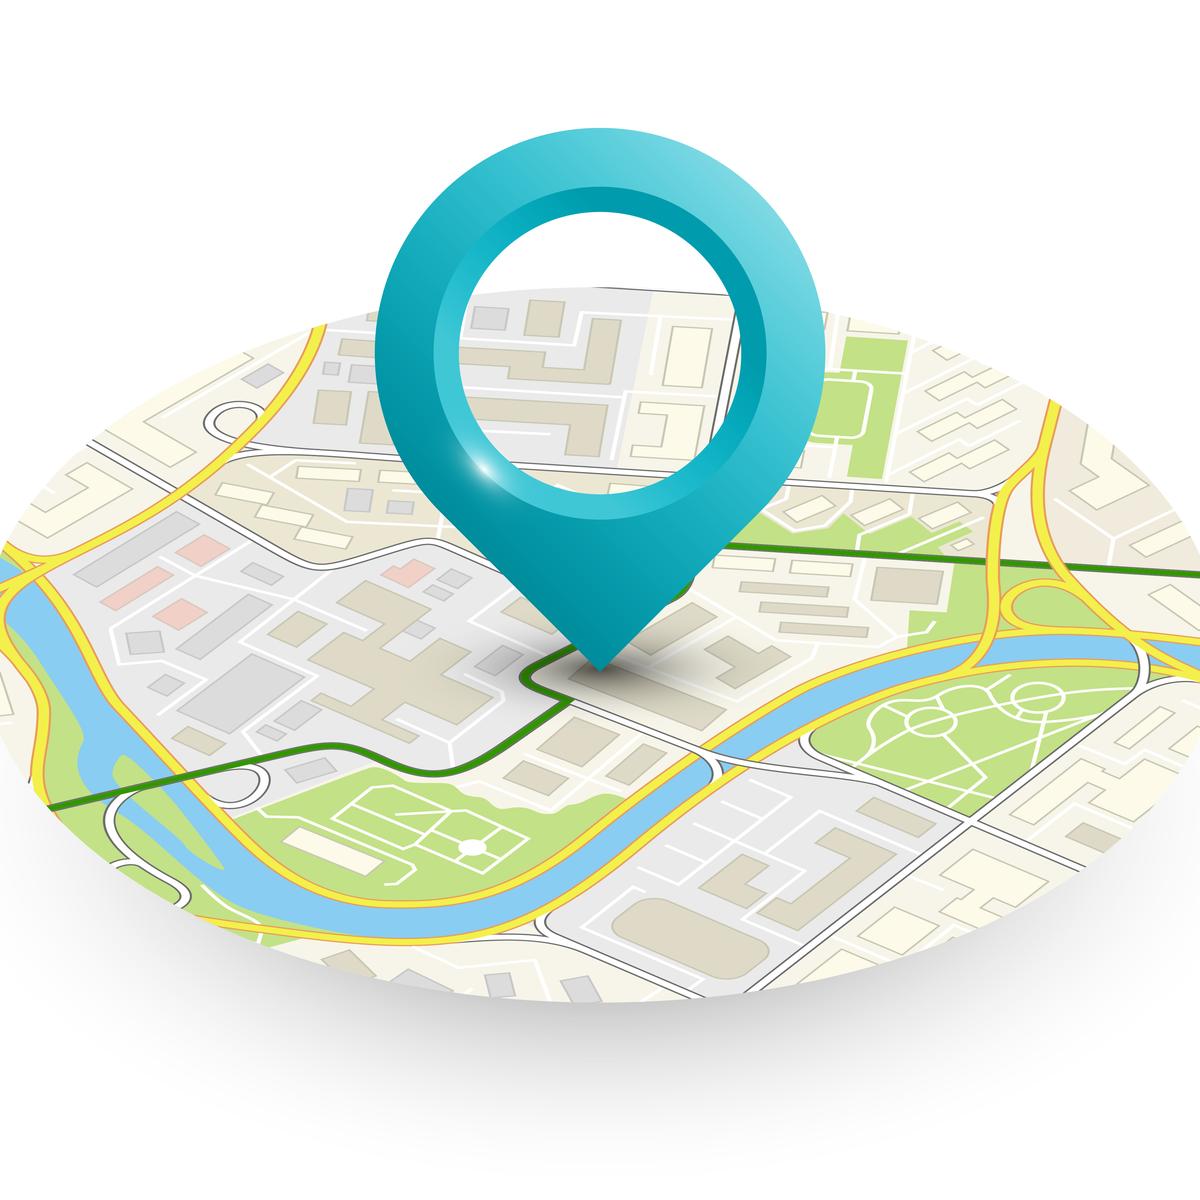 Recherchez sur le Net : combien de temps met-on avec les transports en commun pour rejoindre 29 Rue des Boulets 75011 Paris à partir de 9 Impasse Milord 75018 Paris ?